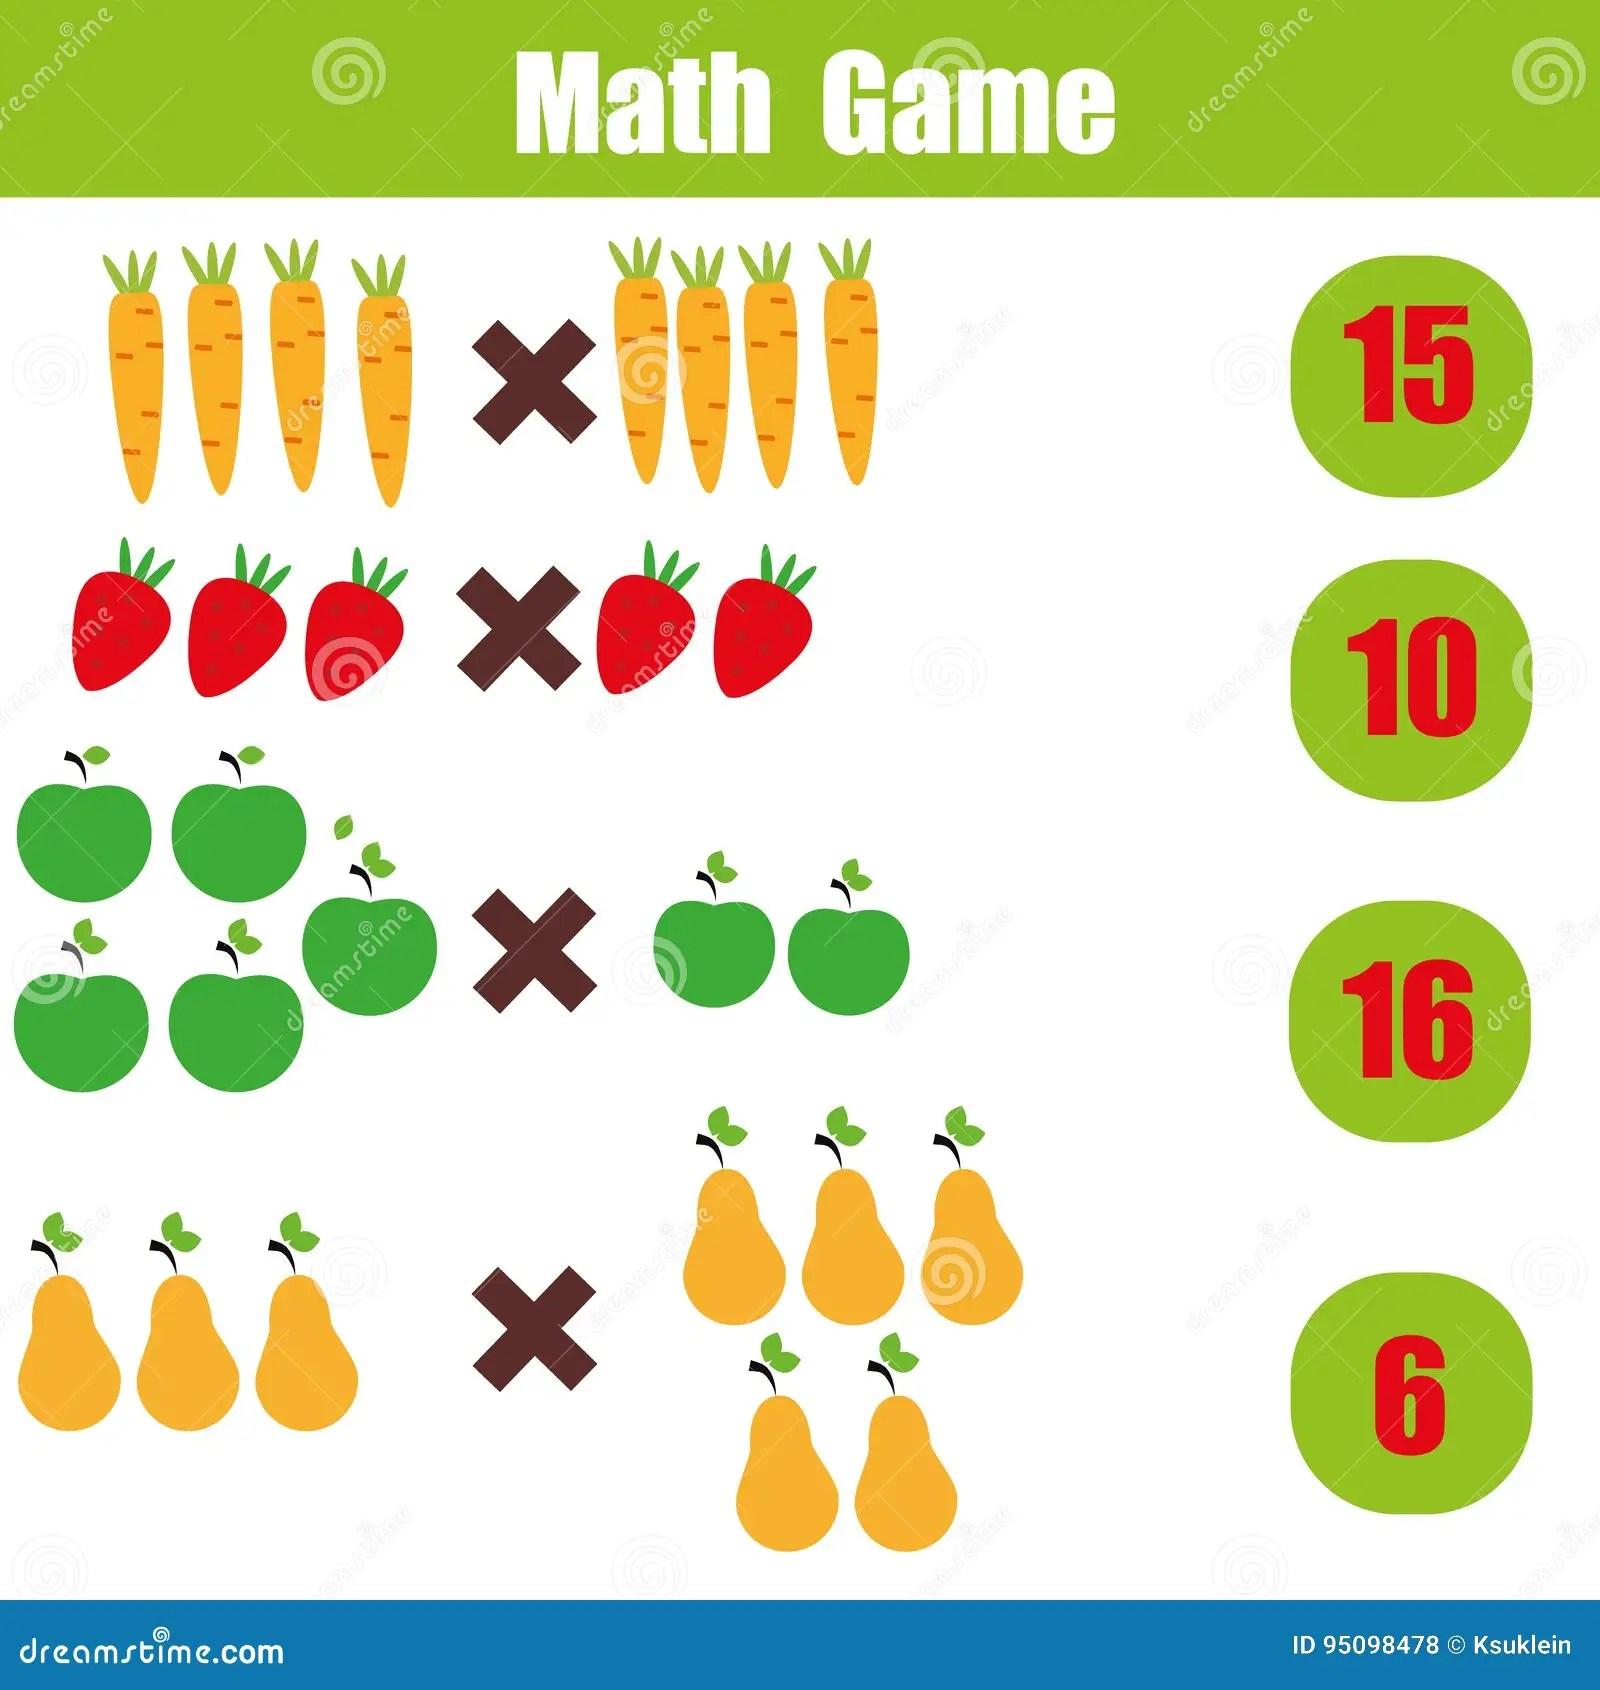 Jeu Educatif De Maths Pour Des Enfants Fiche De Travail